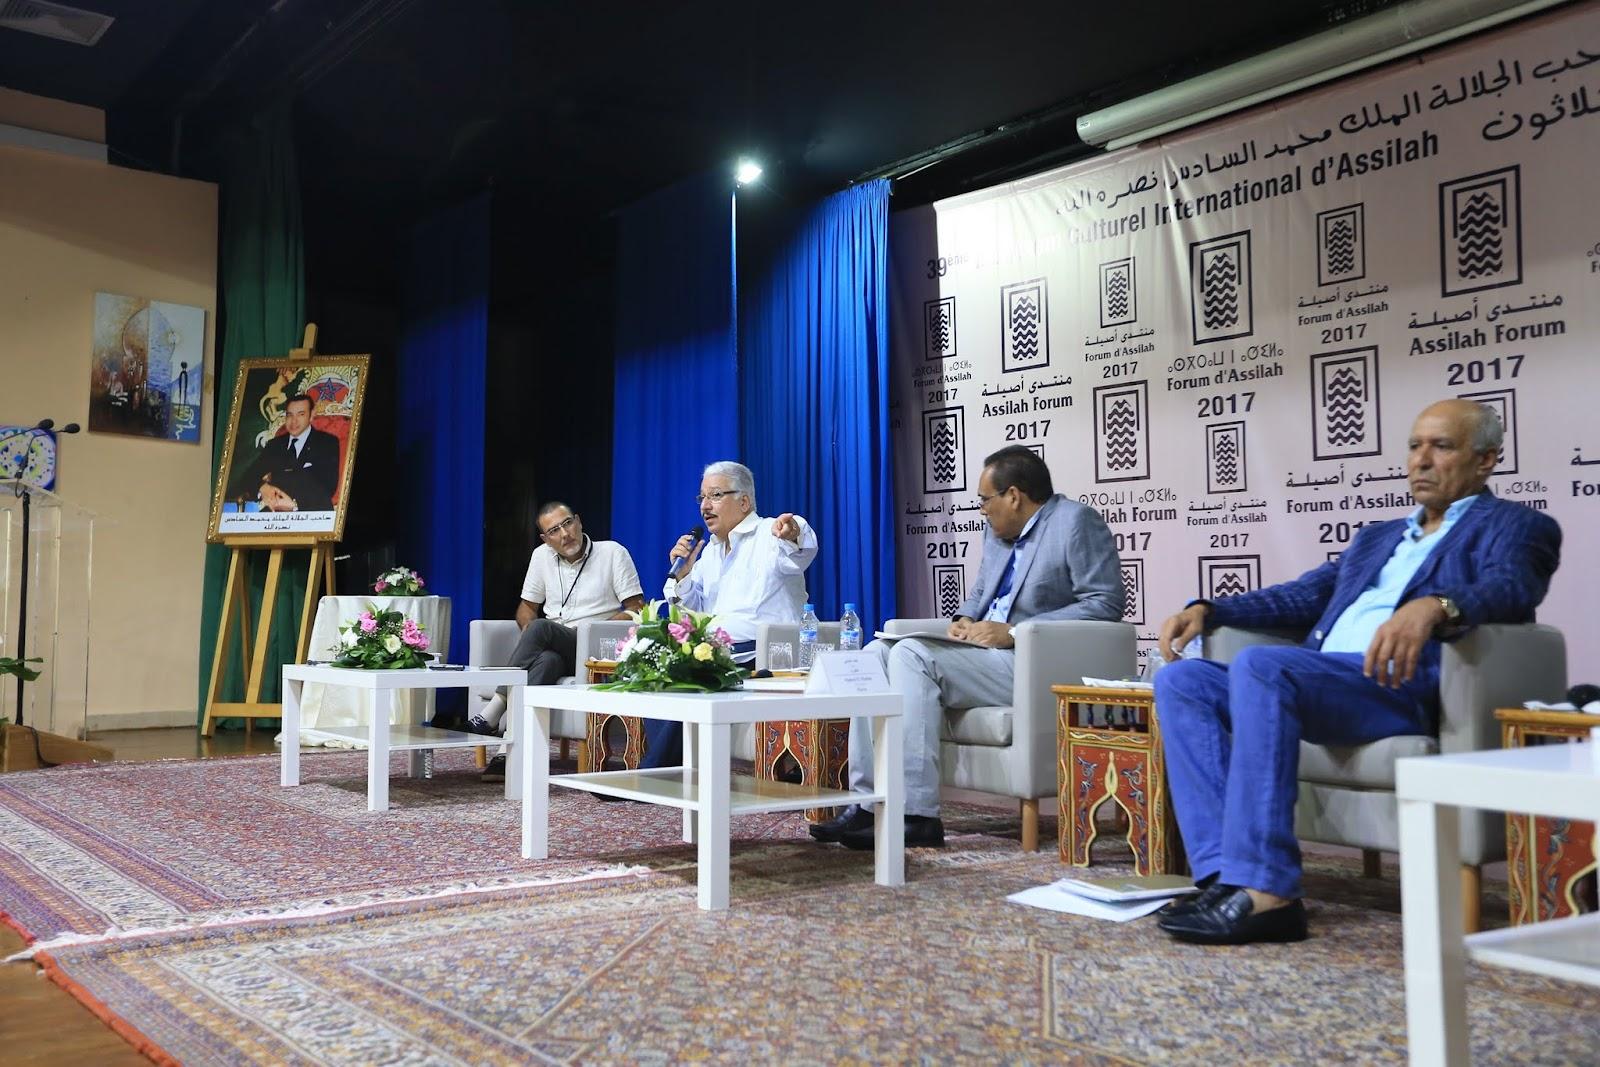 2017-7-18 ندوة المسلمون في الغرب الواقع والمأمول Day2